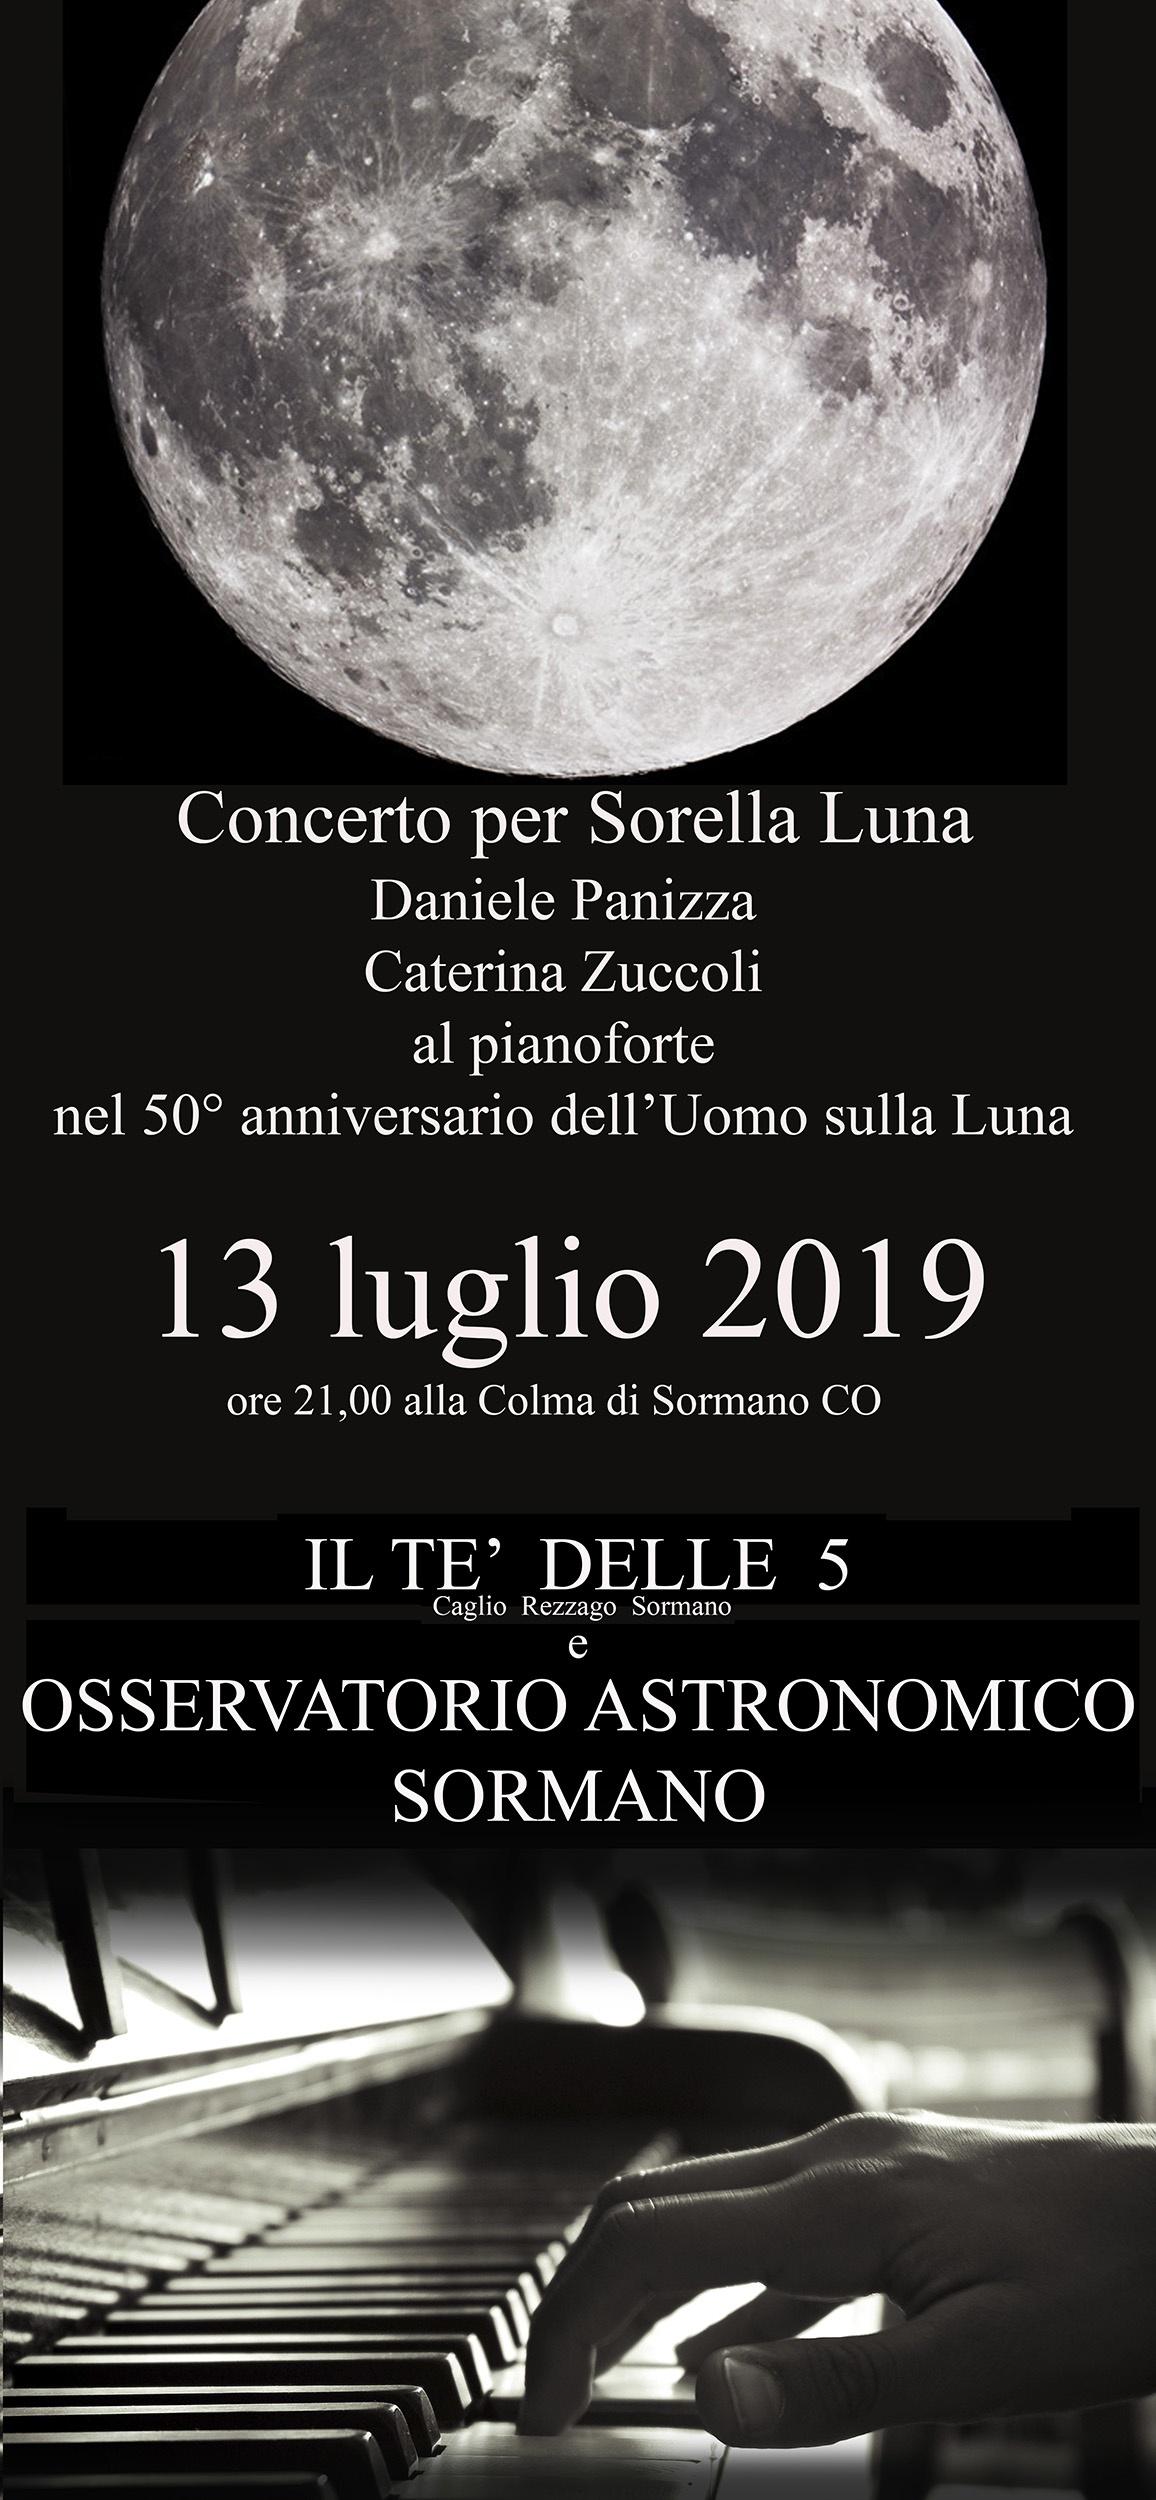 Sabato 13 luglio Concerto per pianoforte a Sorella Luna